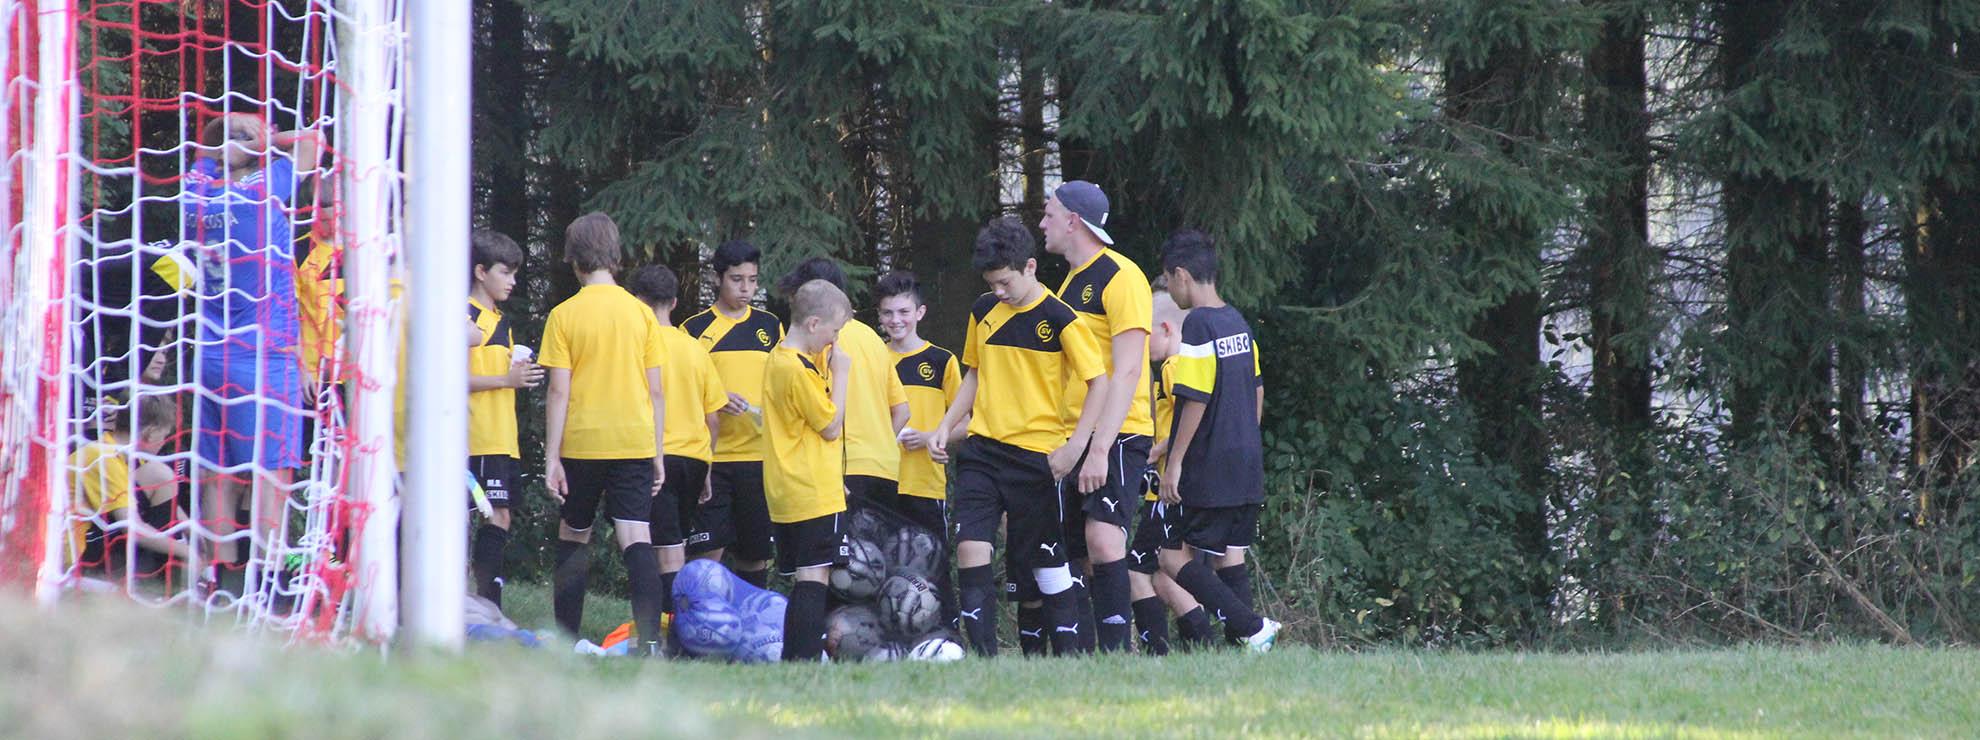 Fußballgruppen finden bei uns ideale Bedingungen für ein Jugend Trainingslager in den Ferien